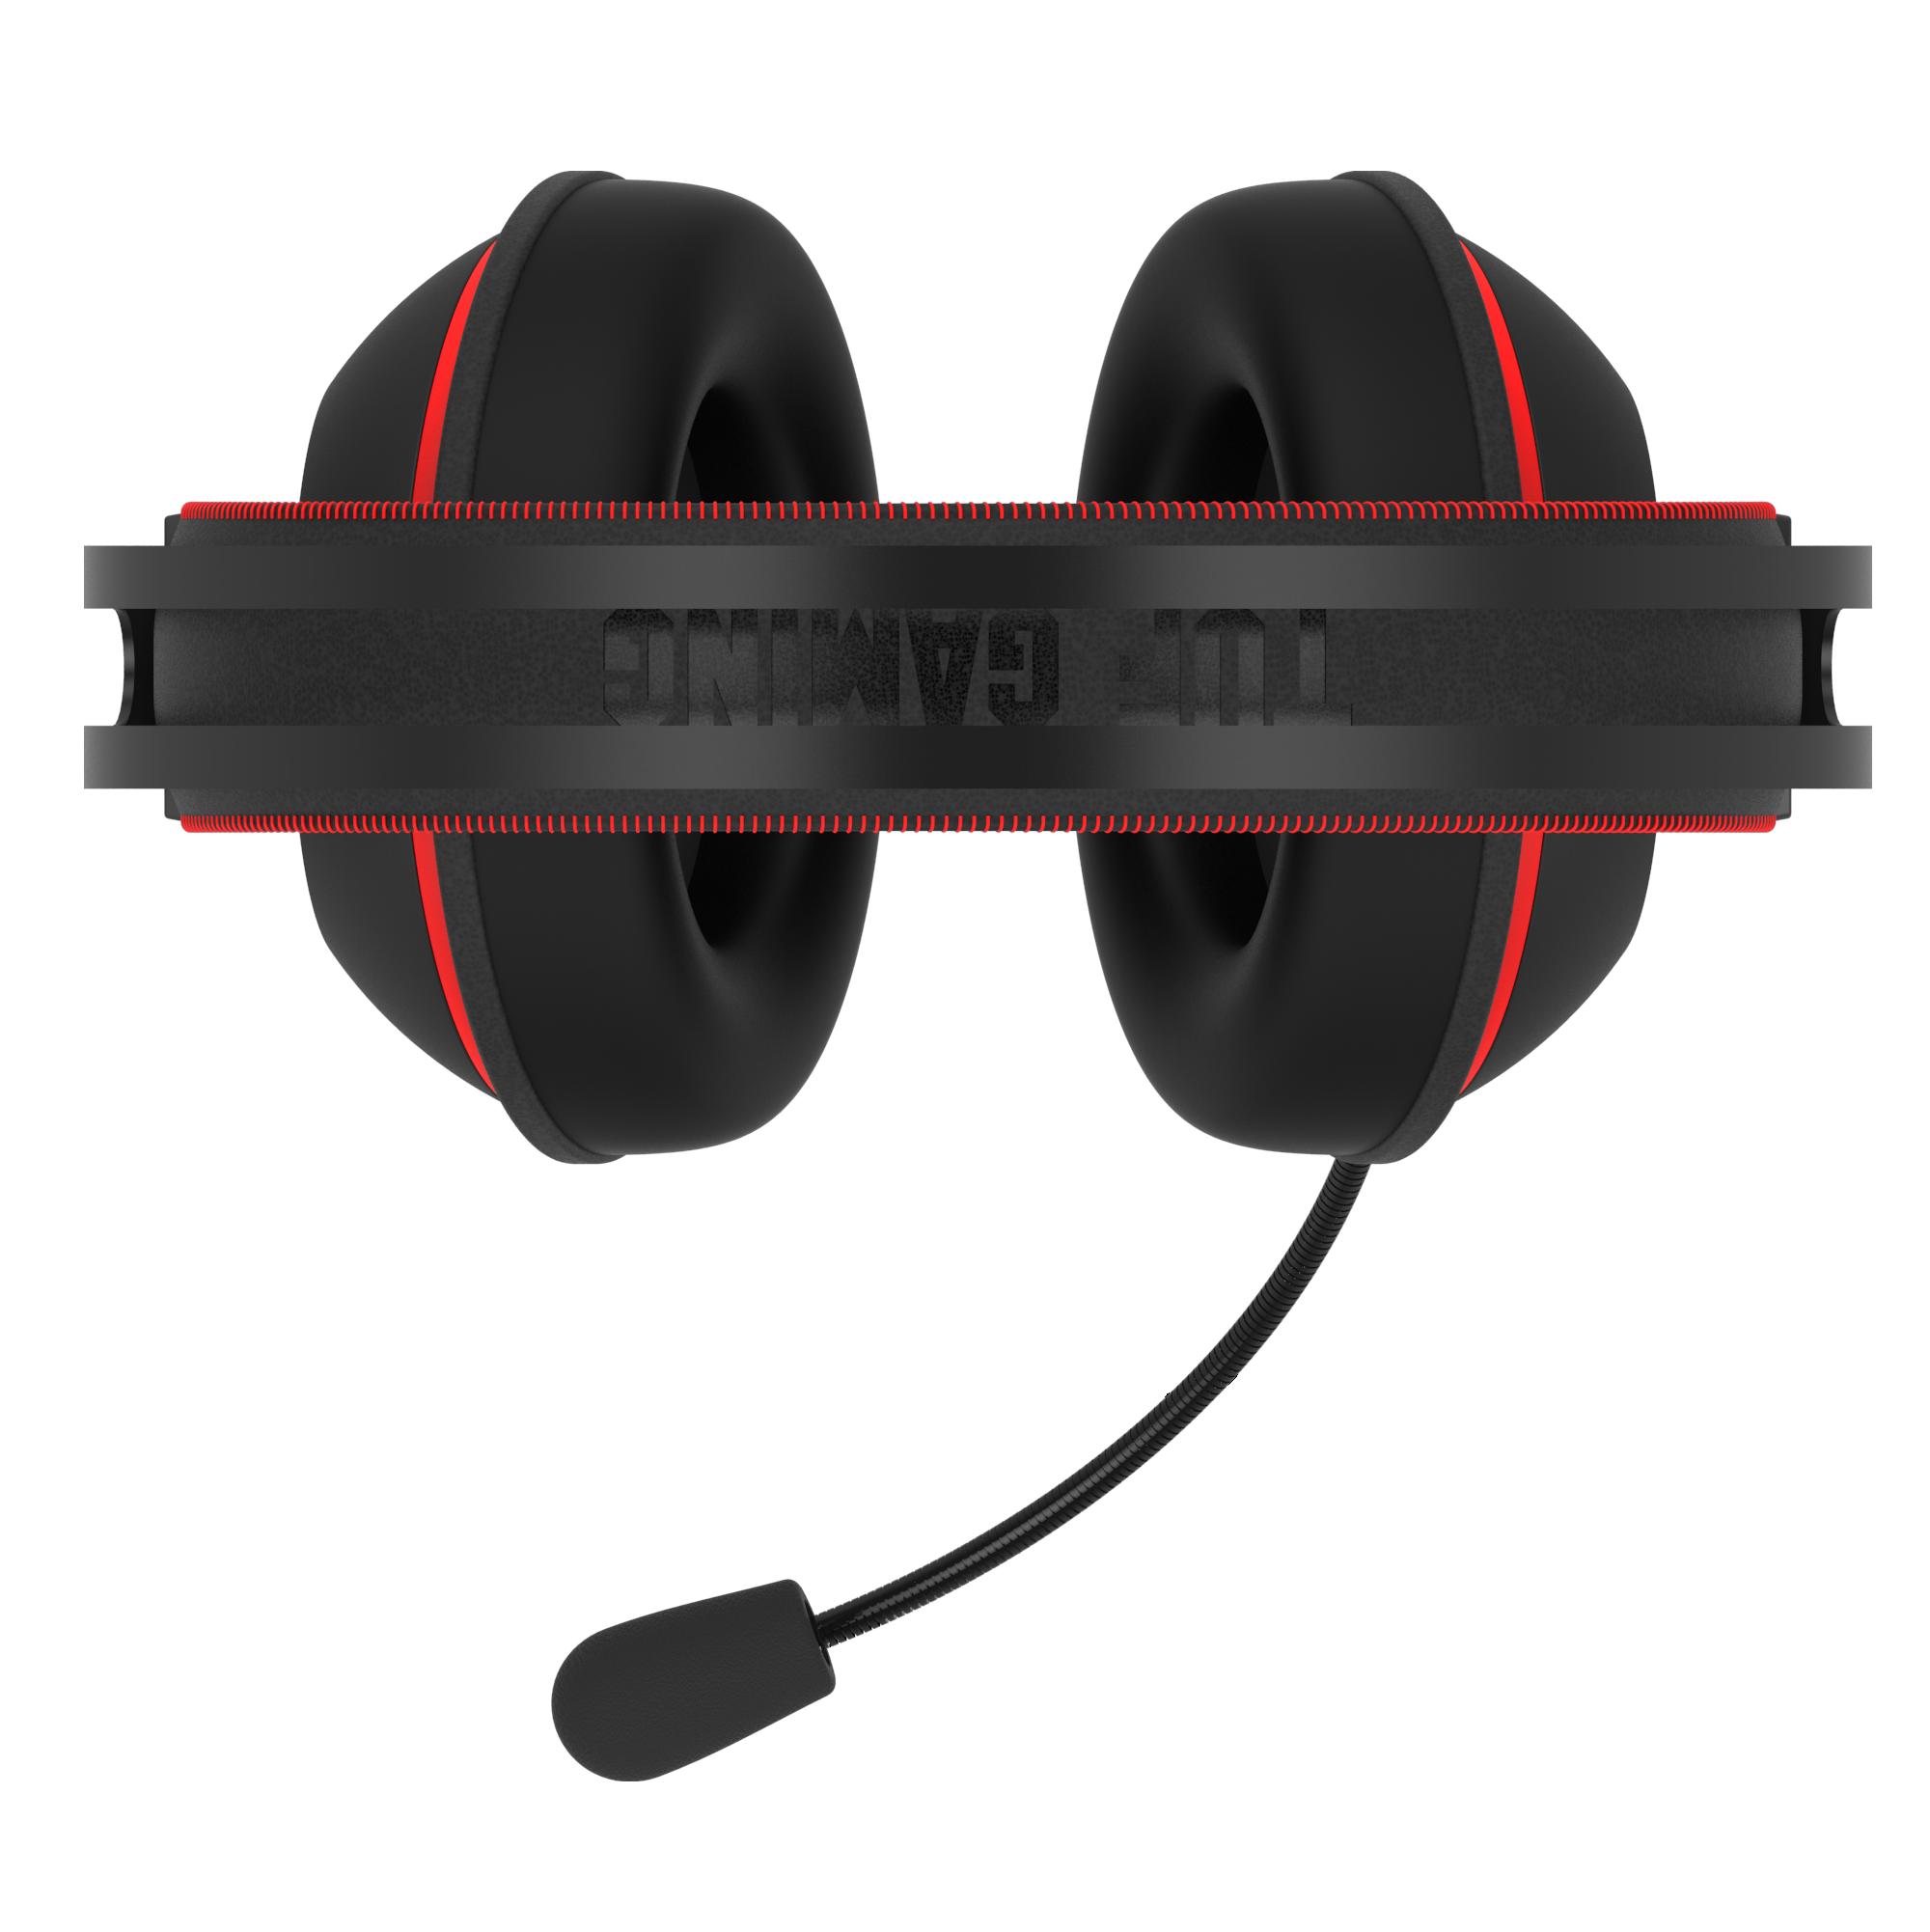 ASUS TUF Gaming H7 Core gaming headset_red-7